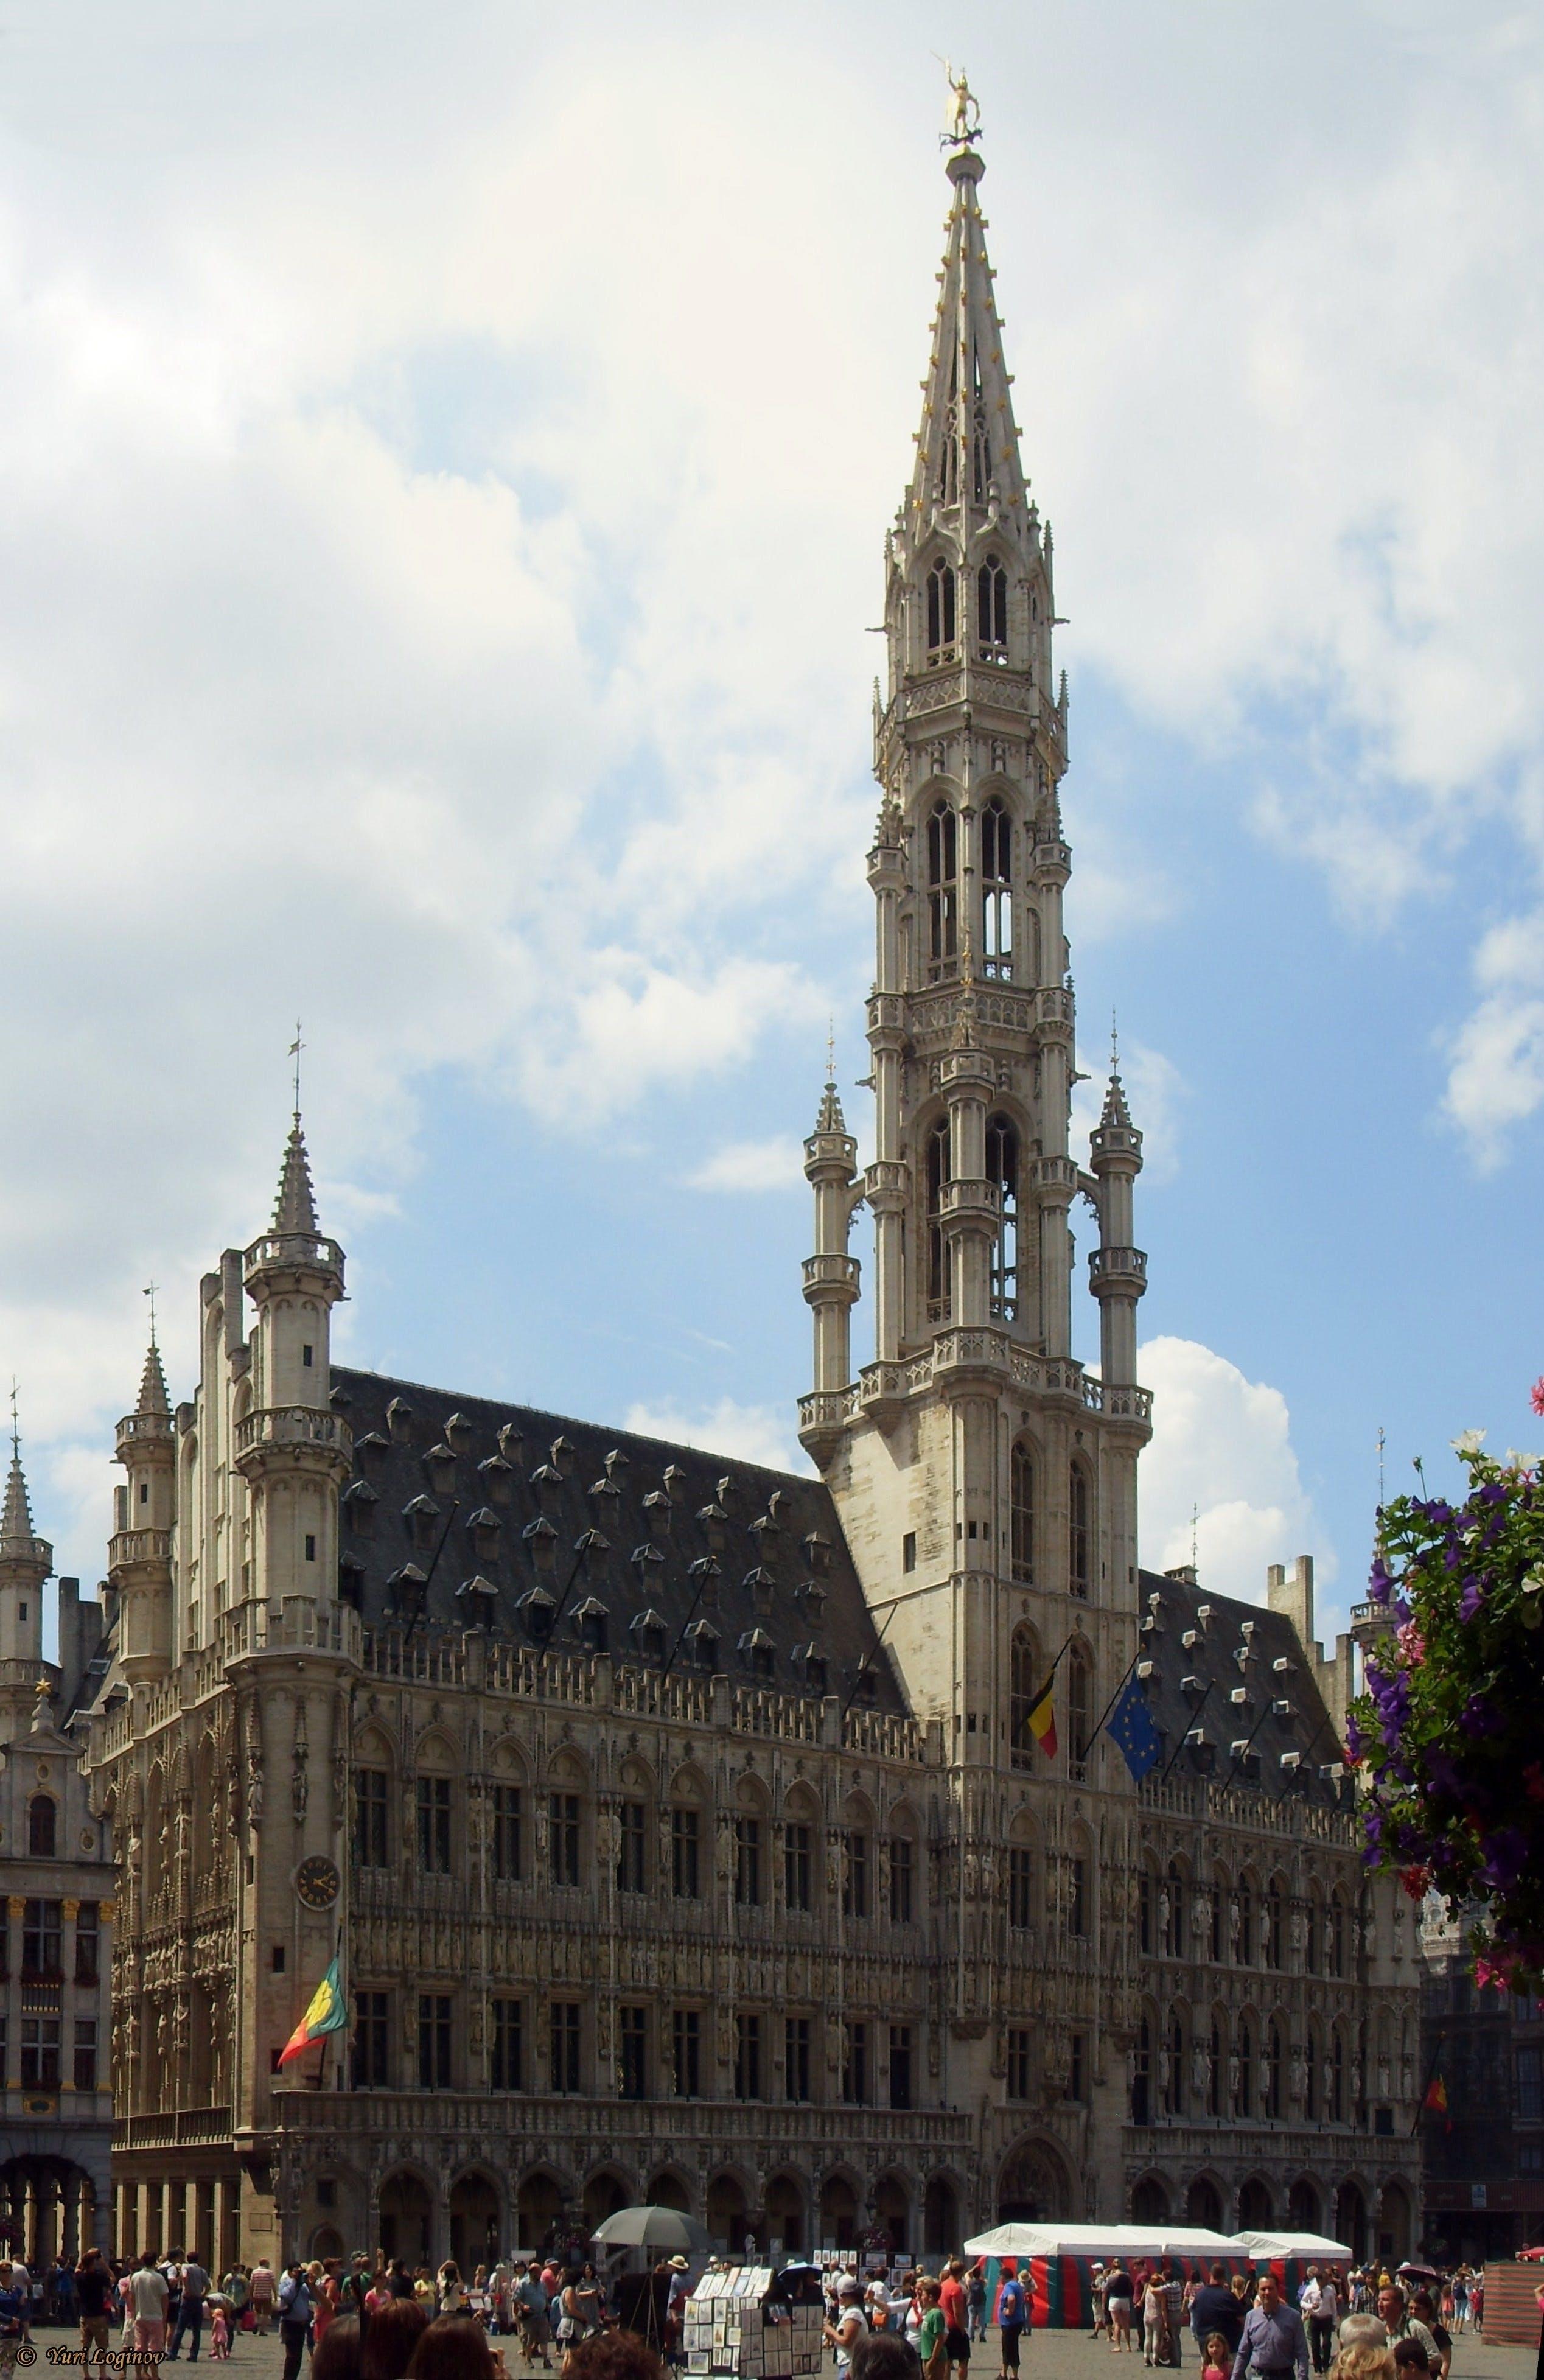 Free stock photo of brussels, Belgium, hotel de ville, belgique